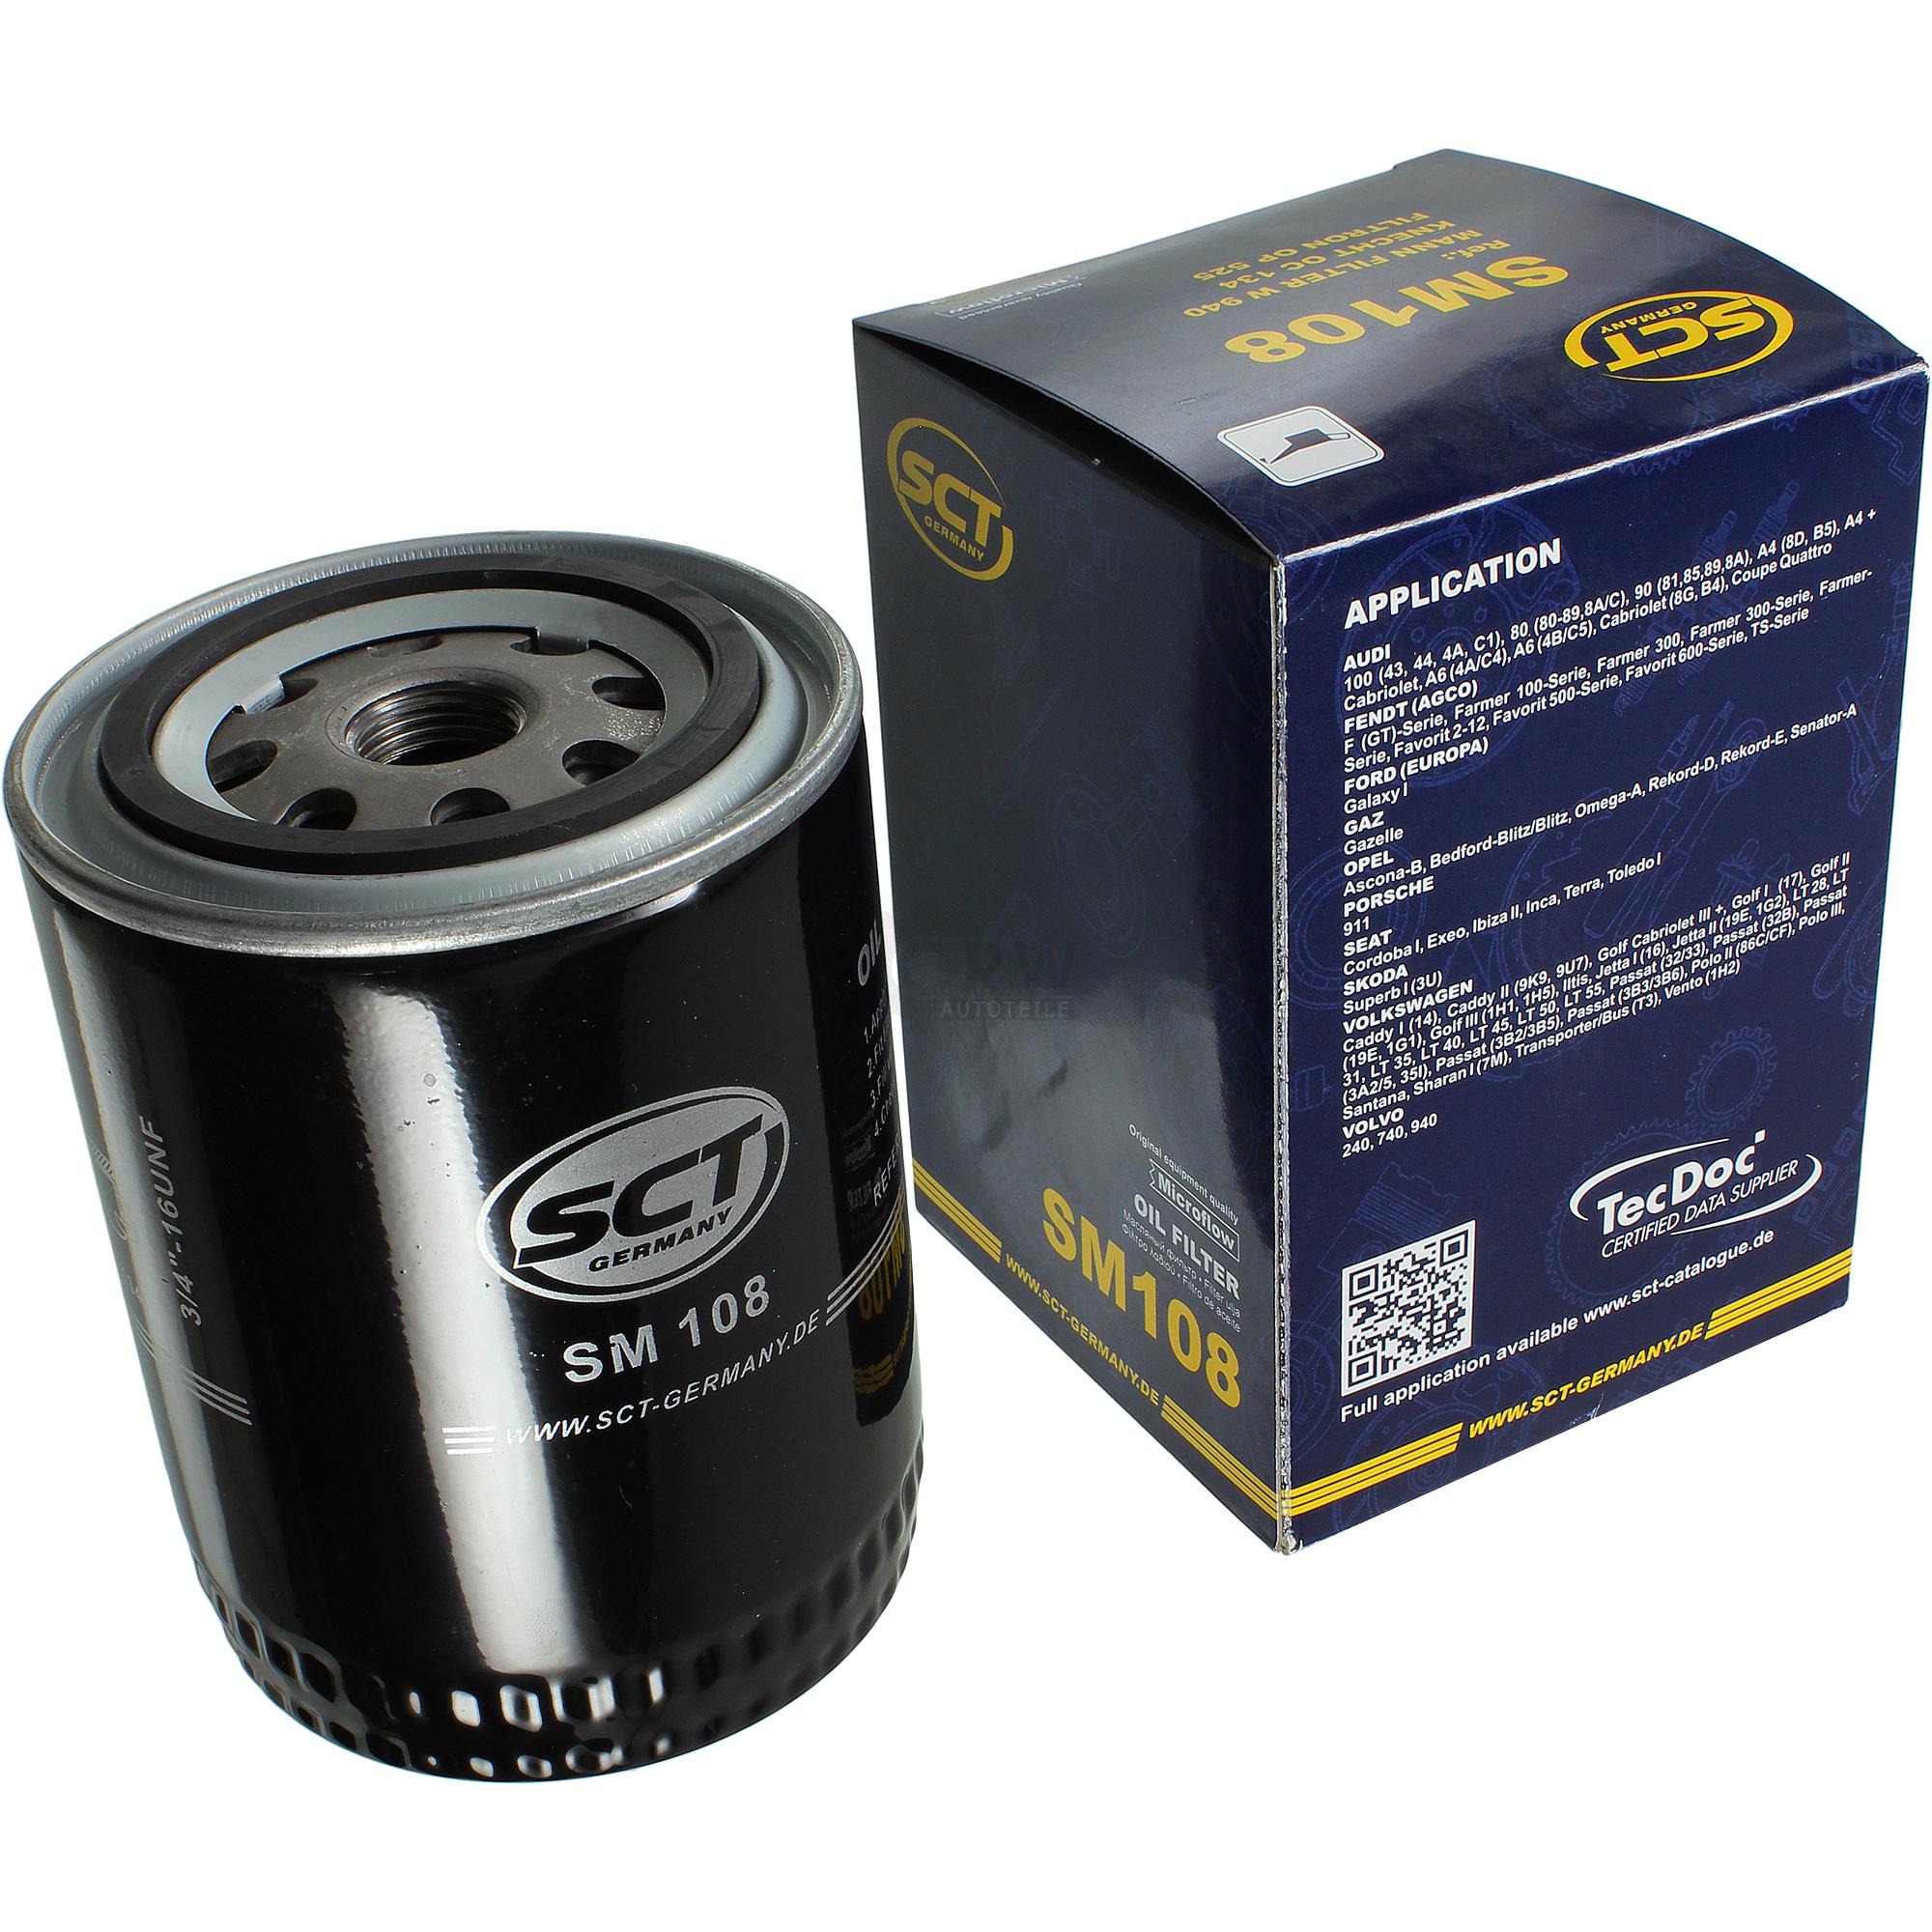 Olwechsel-Set-5L-MANNOL-Energy-Premium-5W-30-SCT-Olfilter-Service-10164344 Indexbild 2